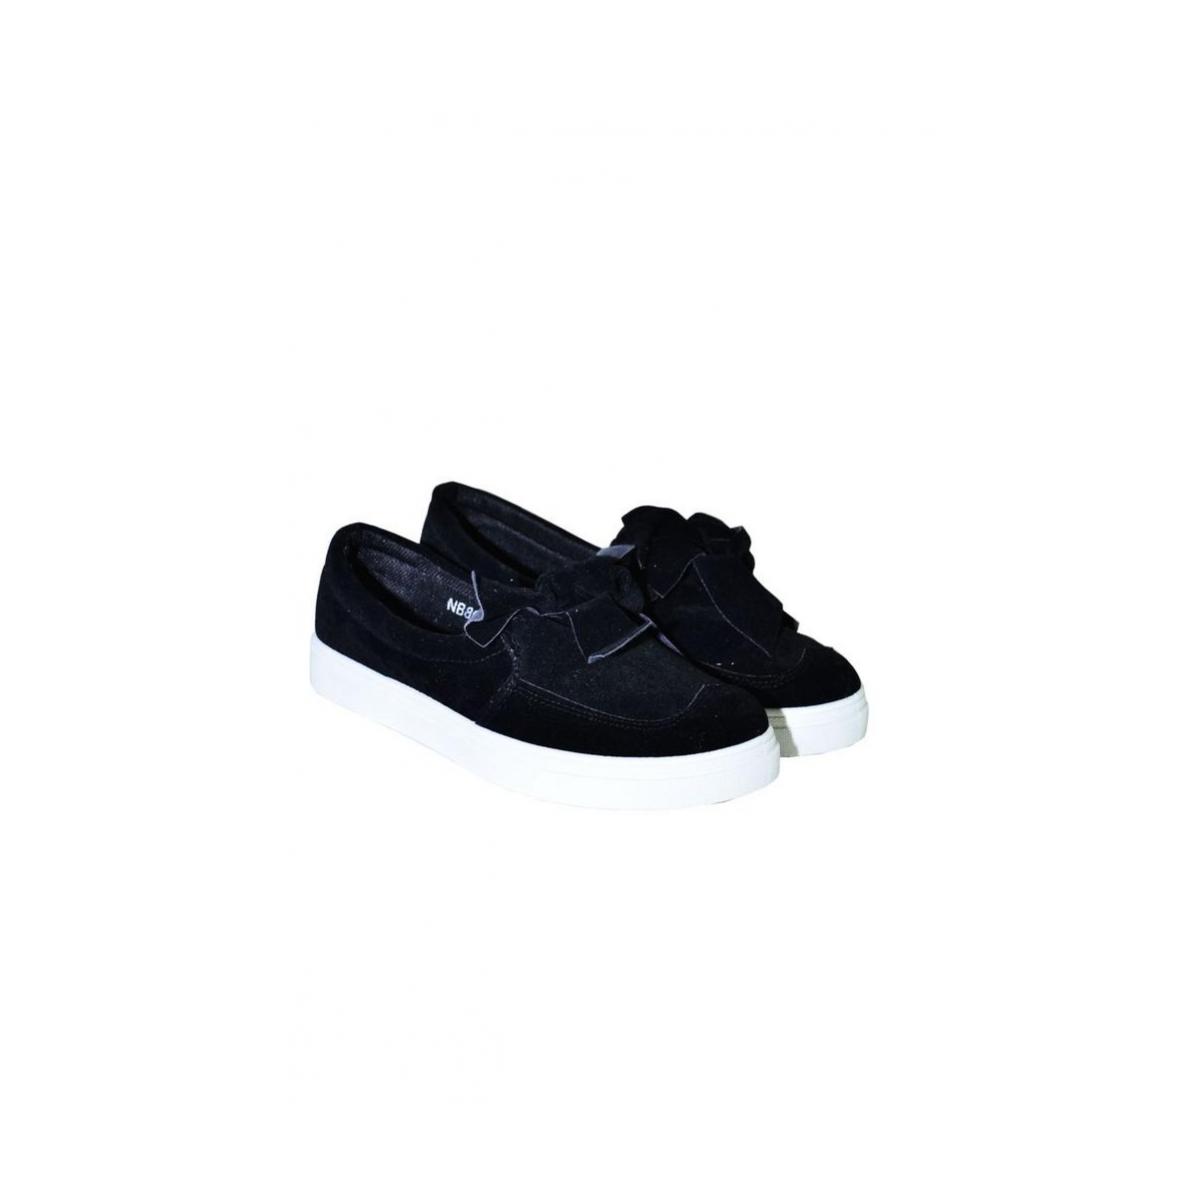 d1cdfceb24283 Čierne topánky s mašličkou ARIA | Johnc.sk